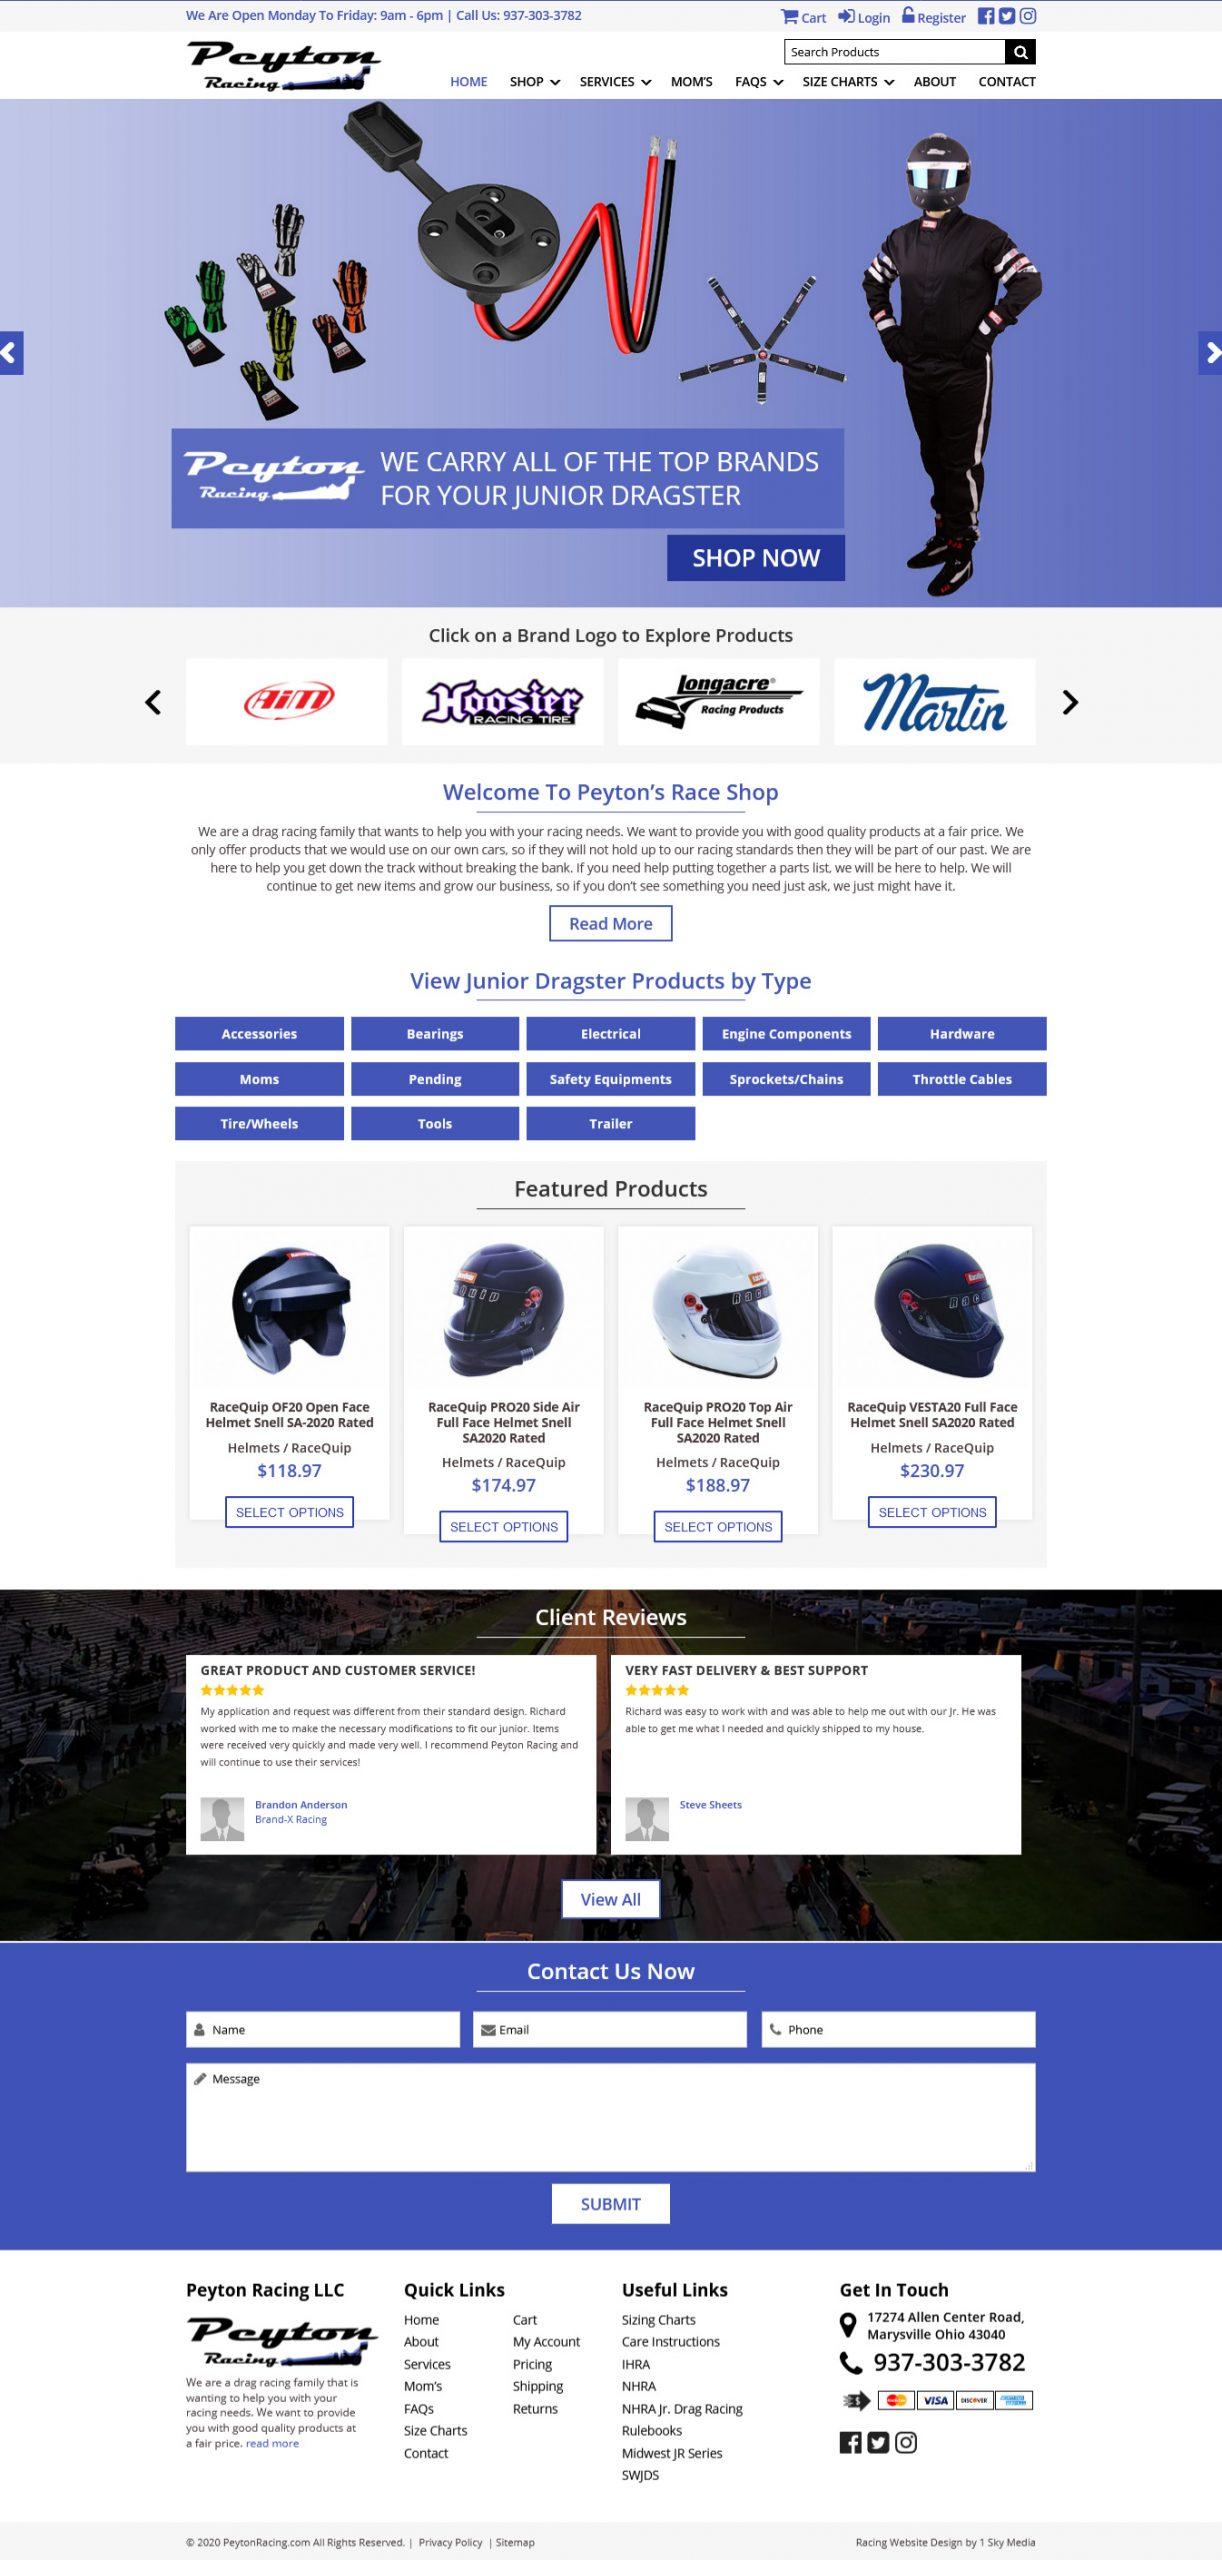 Peyton Racing Website Design